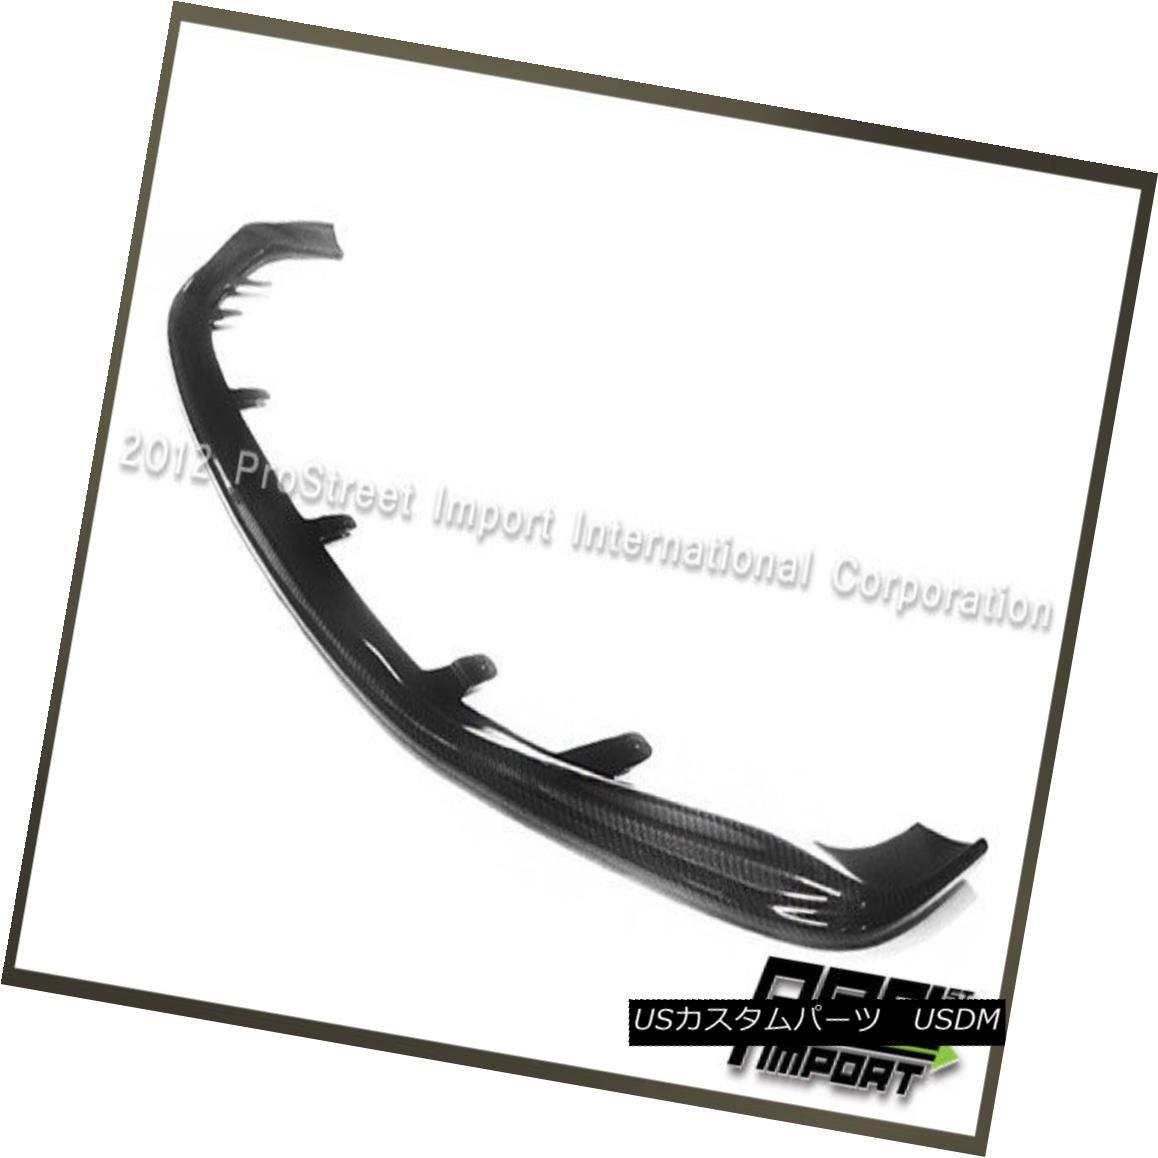 エアロパーツ Performance Carbon Fiber Front Add On Lip For 2013+ IS300h IS250 IS350 F Sports パフォーマンスカーボンファイバーフロントは、2013 + IS300h IS250 IS350 Fスポーツ